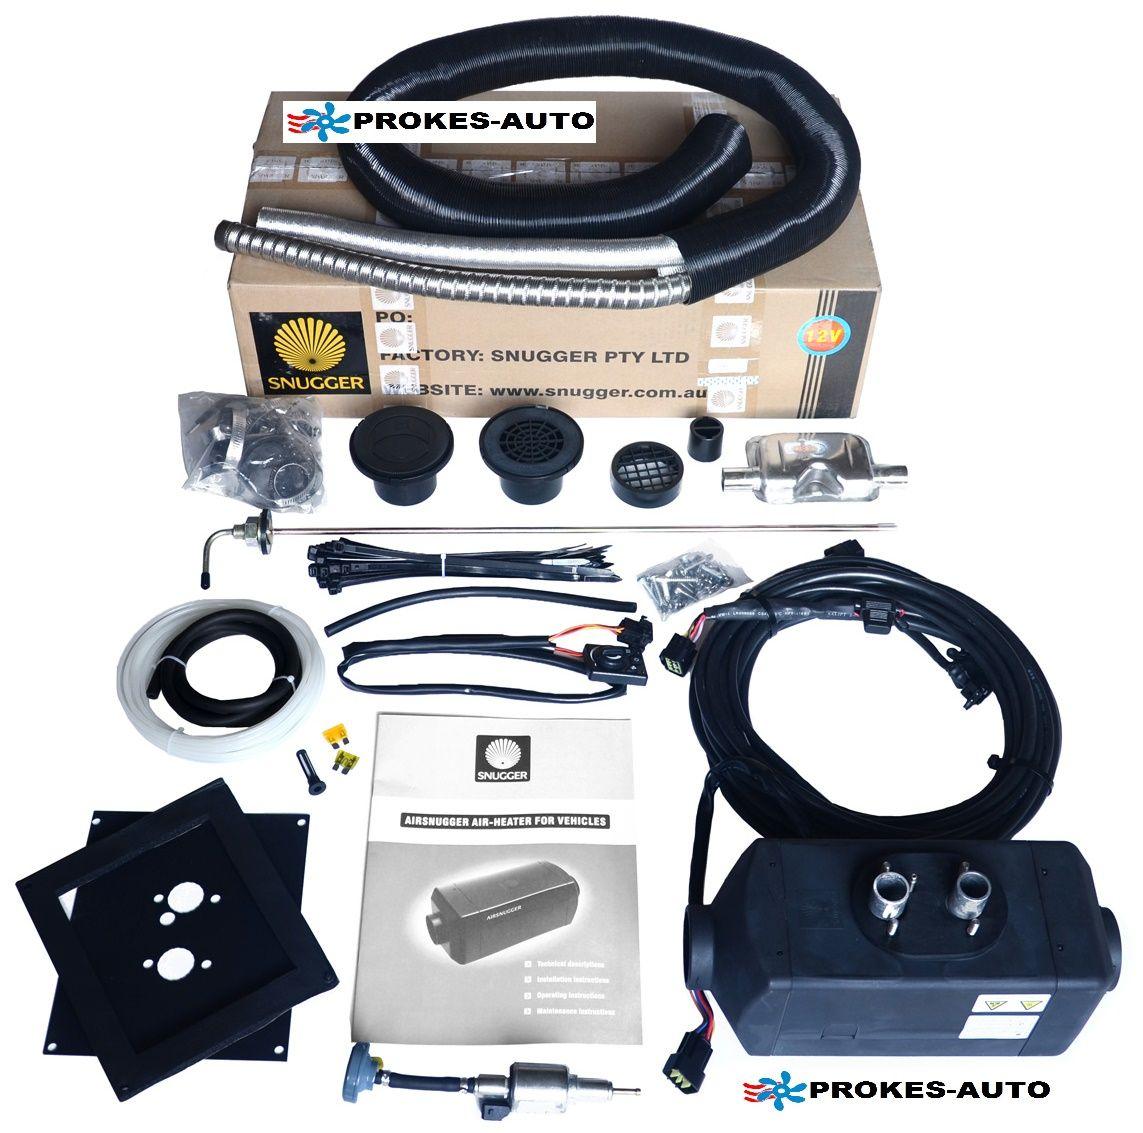 SNUGGER Teplovzušné topení Diesel 4,2kW PLUS 12V